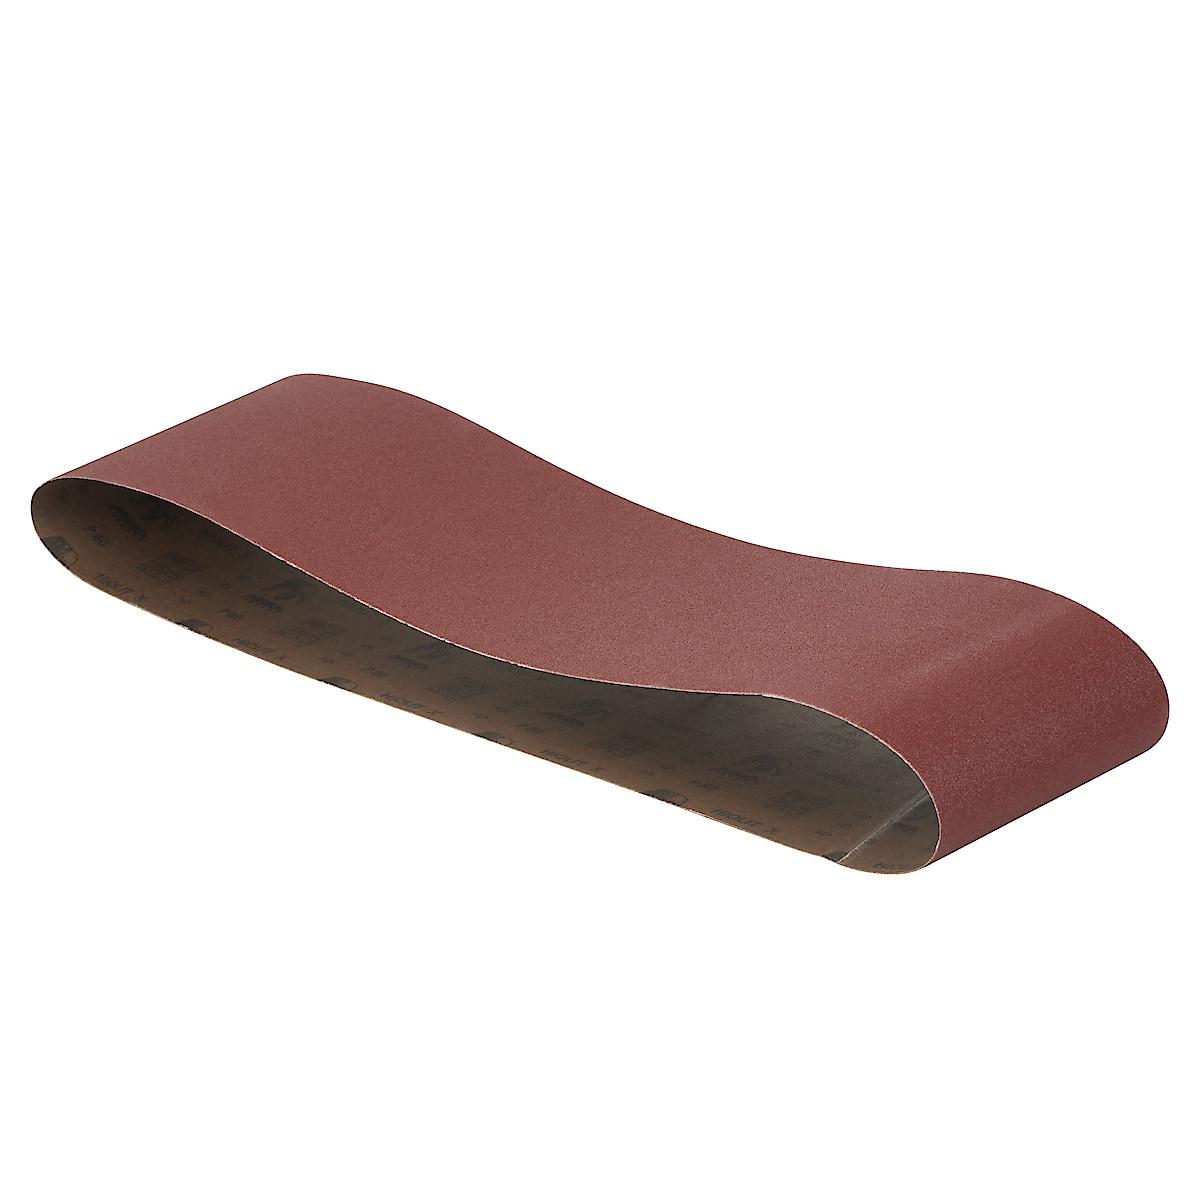 Slipband 1220×150 mm